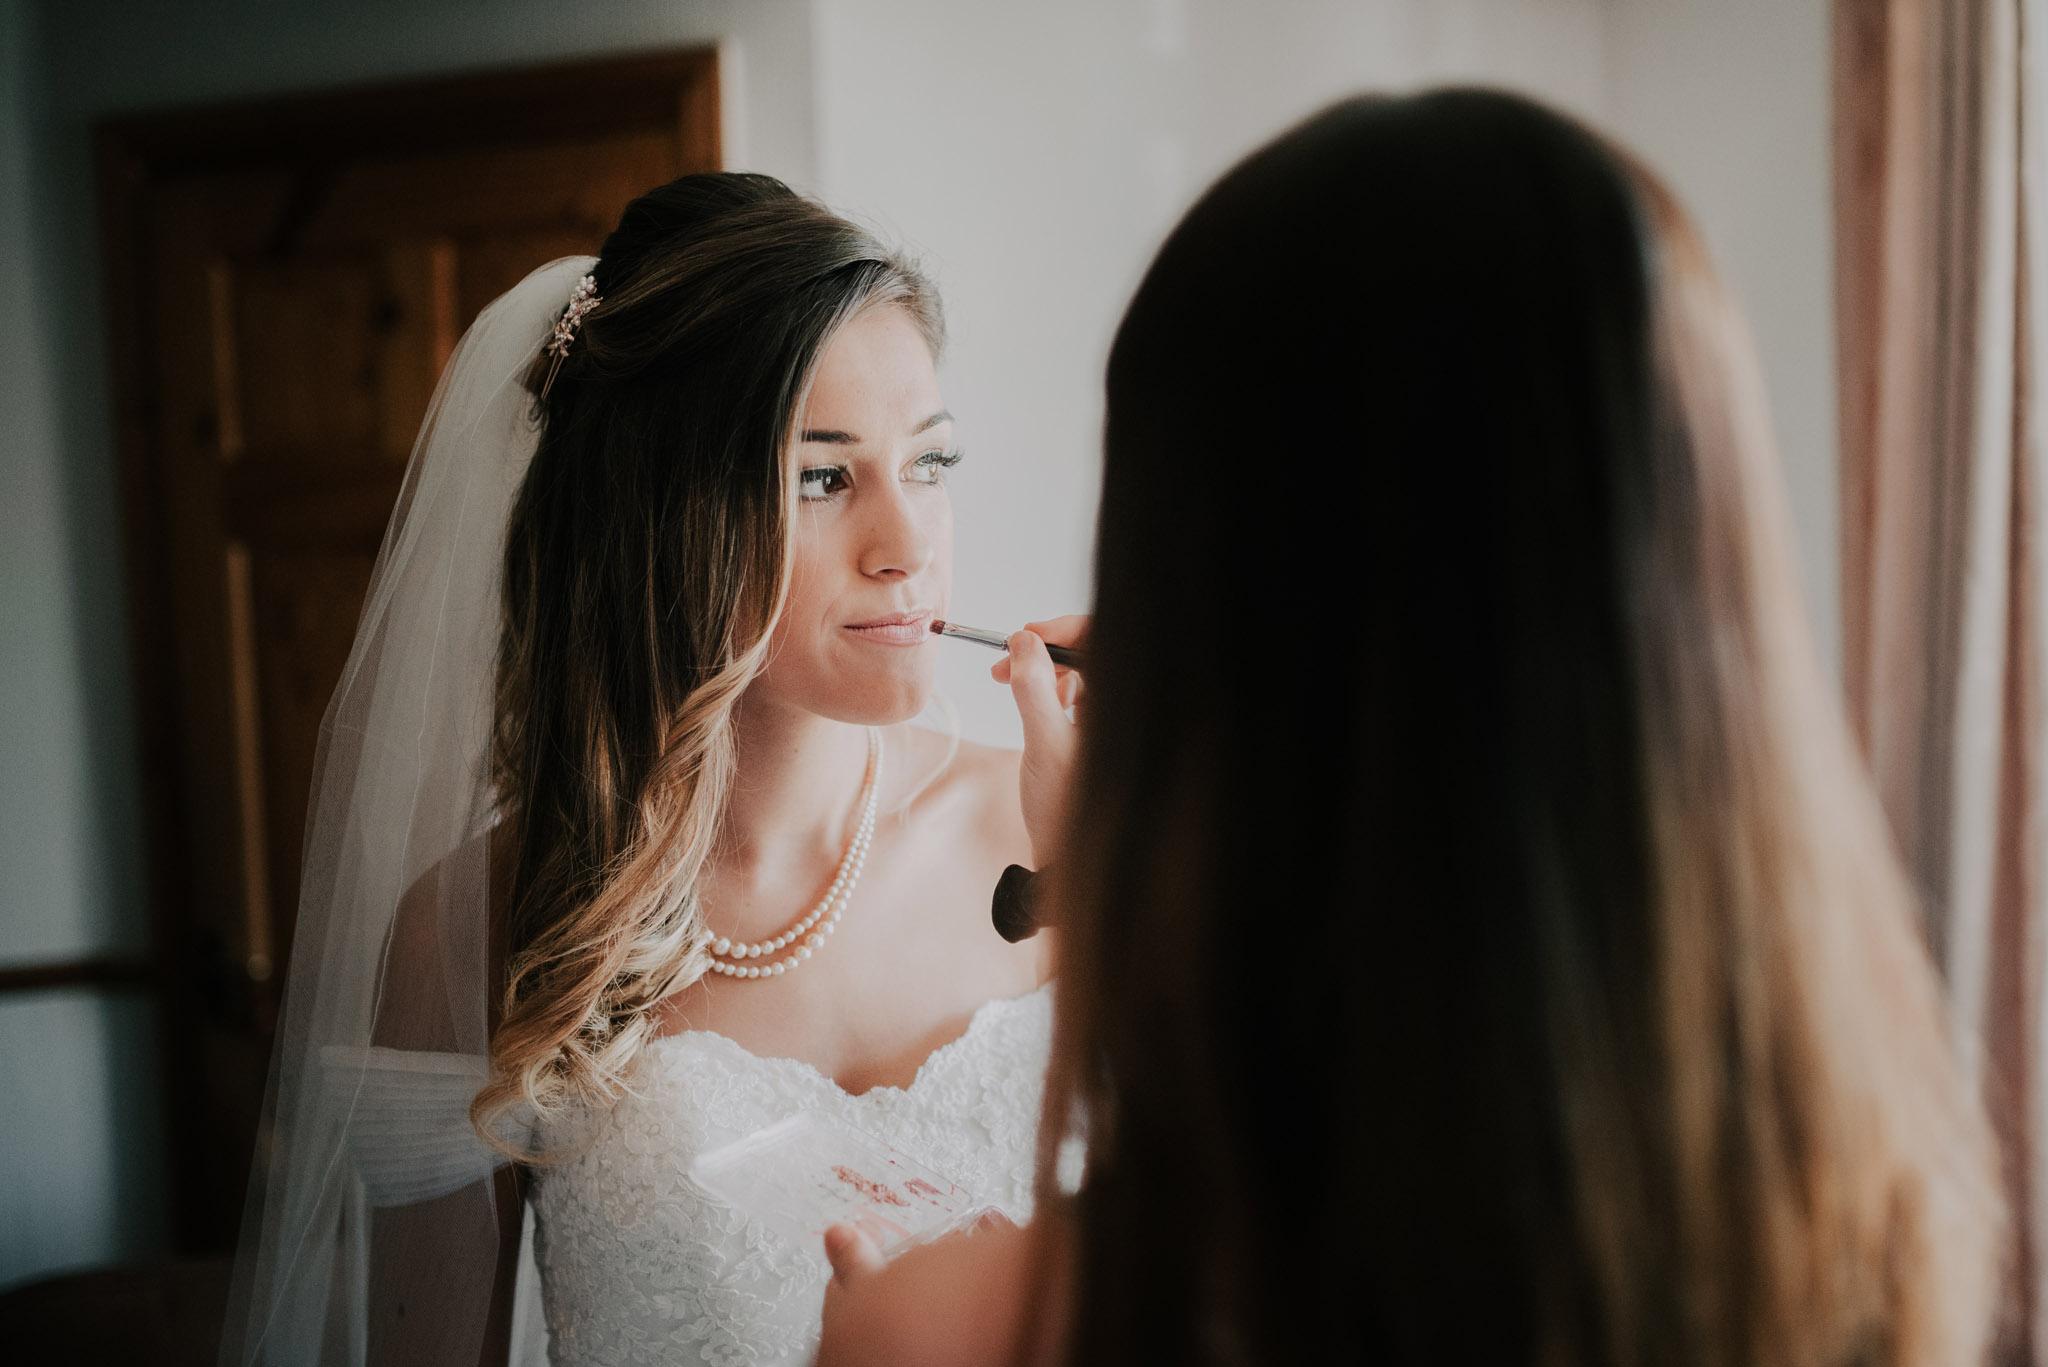 scott-stockwell-wedding-photographer-wood-norton-evesham077.jpg